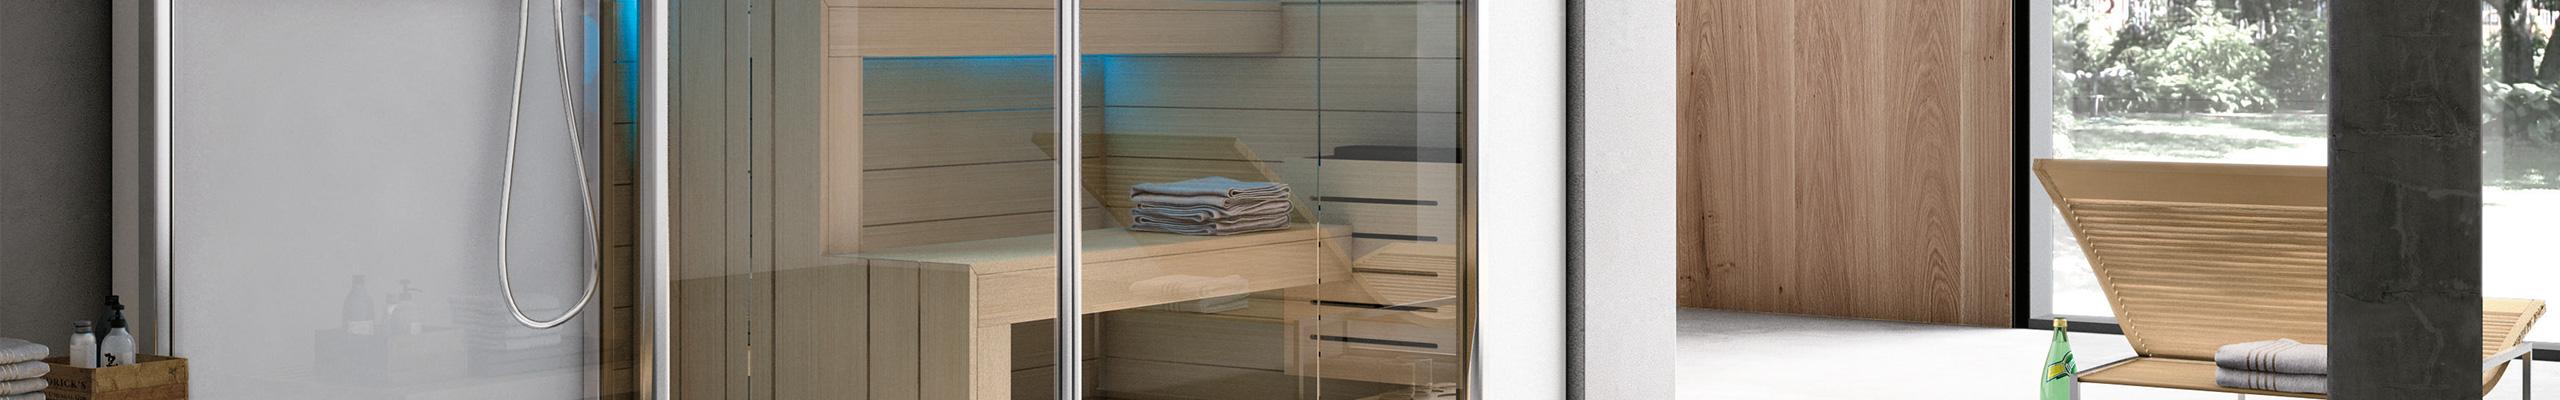 Top home arredo bagno saune with saune domestiche - Differenze tra sauna e bagno turco ...